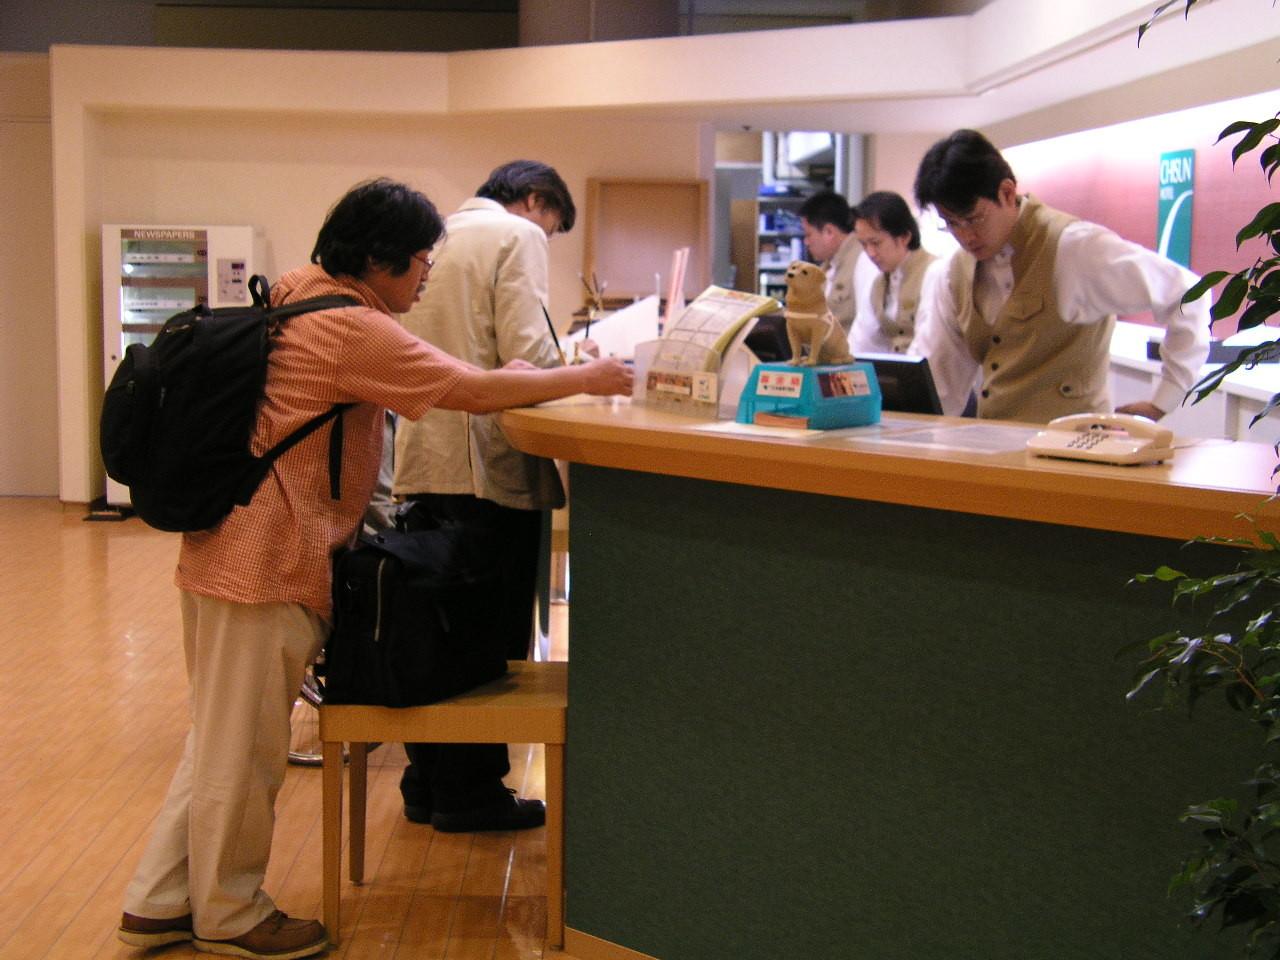 大阪のホテル深夜にチェックイン